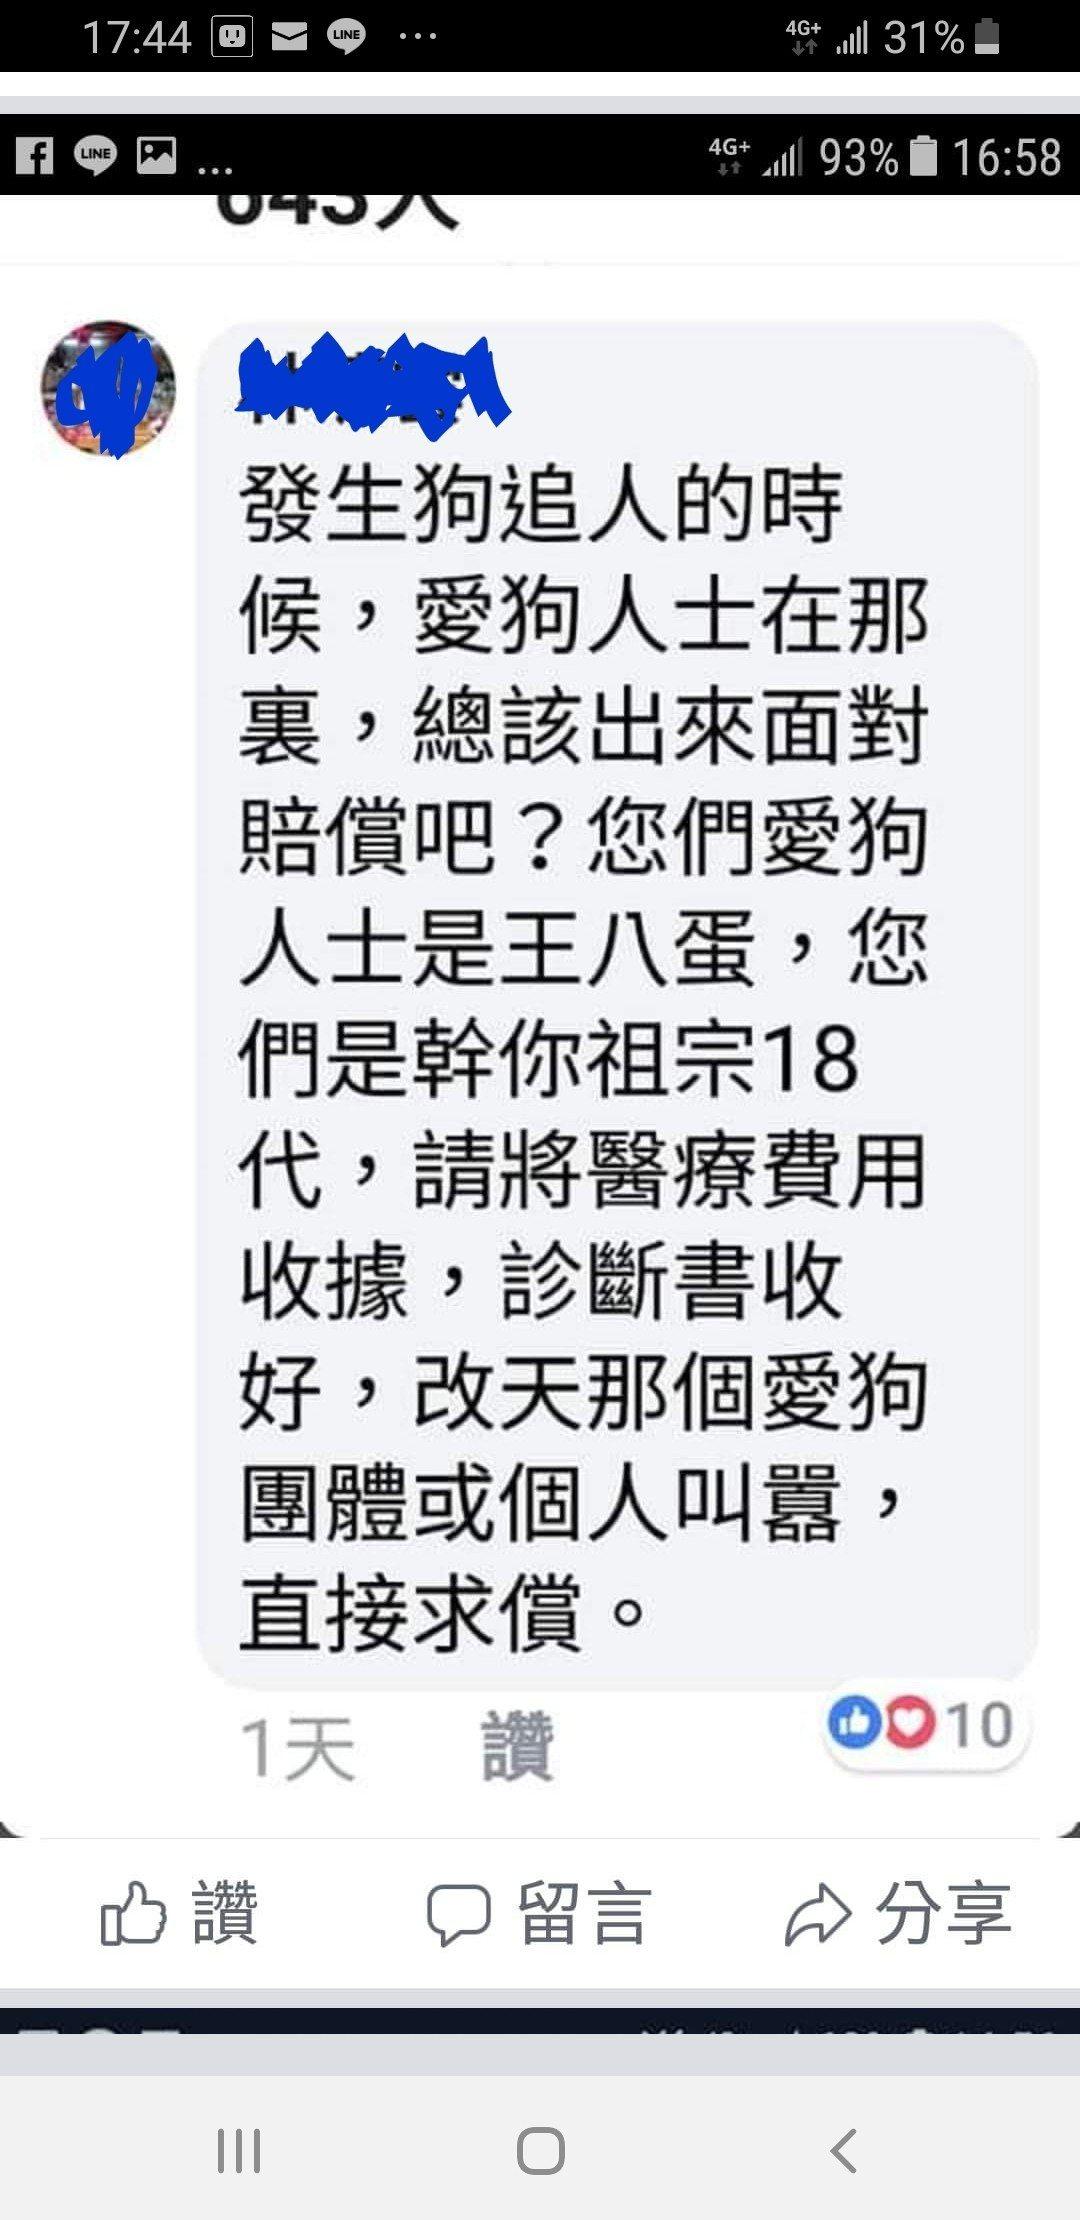 台南學甲流浪狗追逐案,有網友在網上辱罵被提告。圖/取自網路